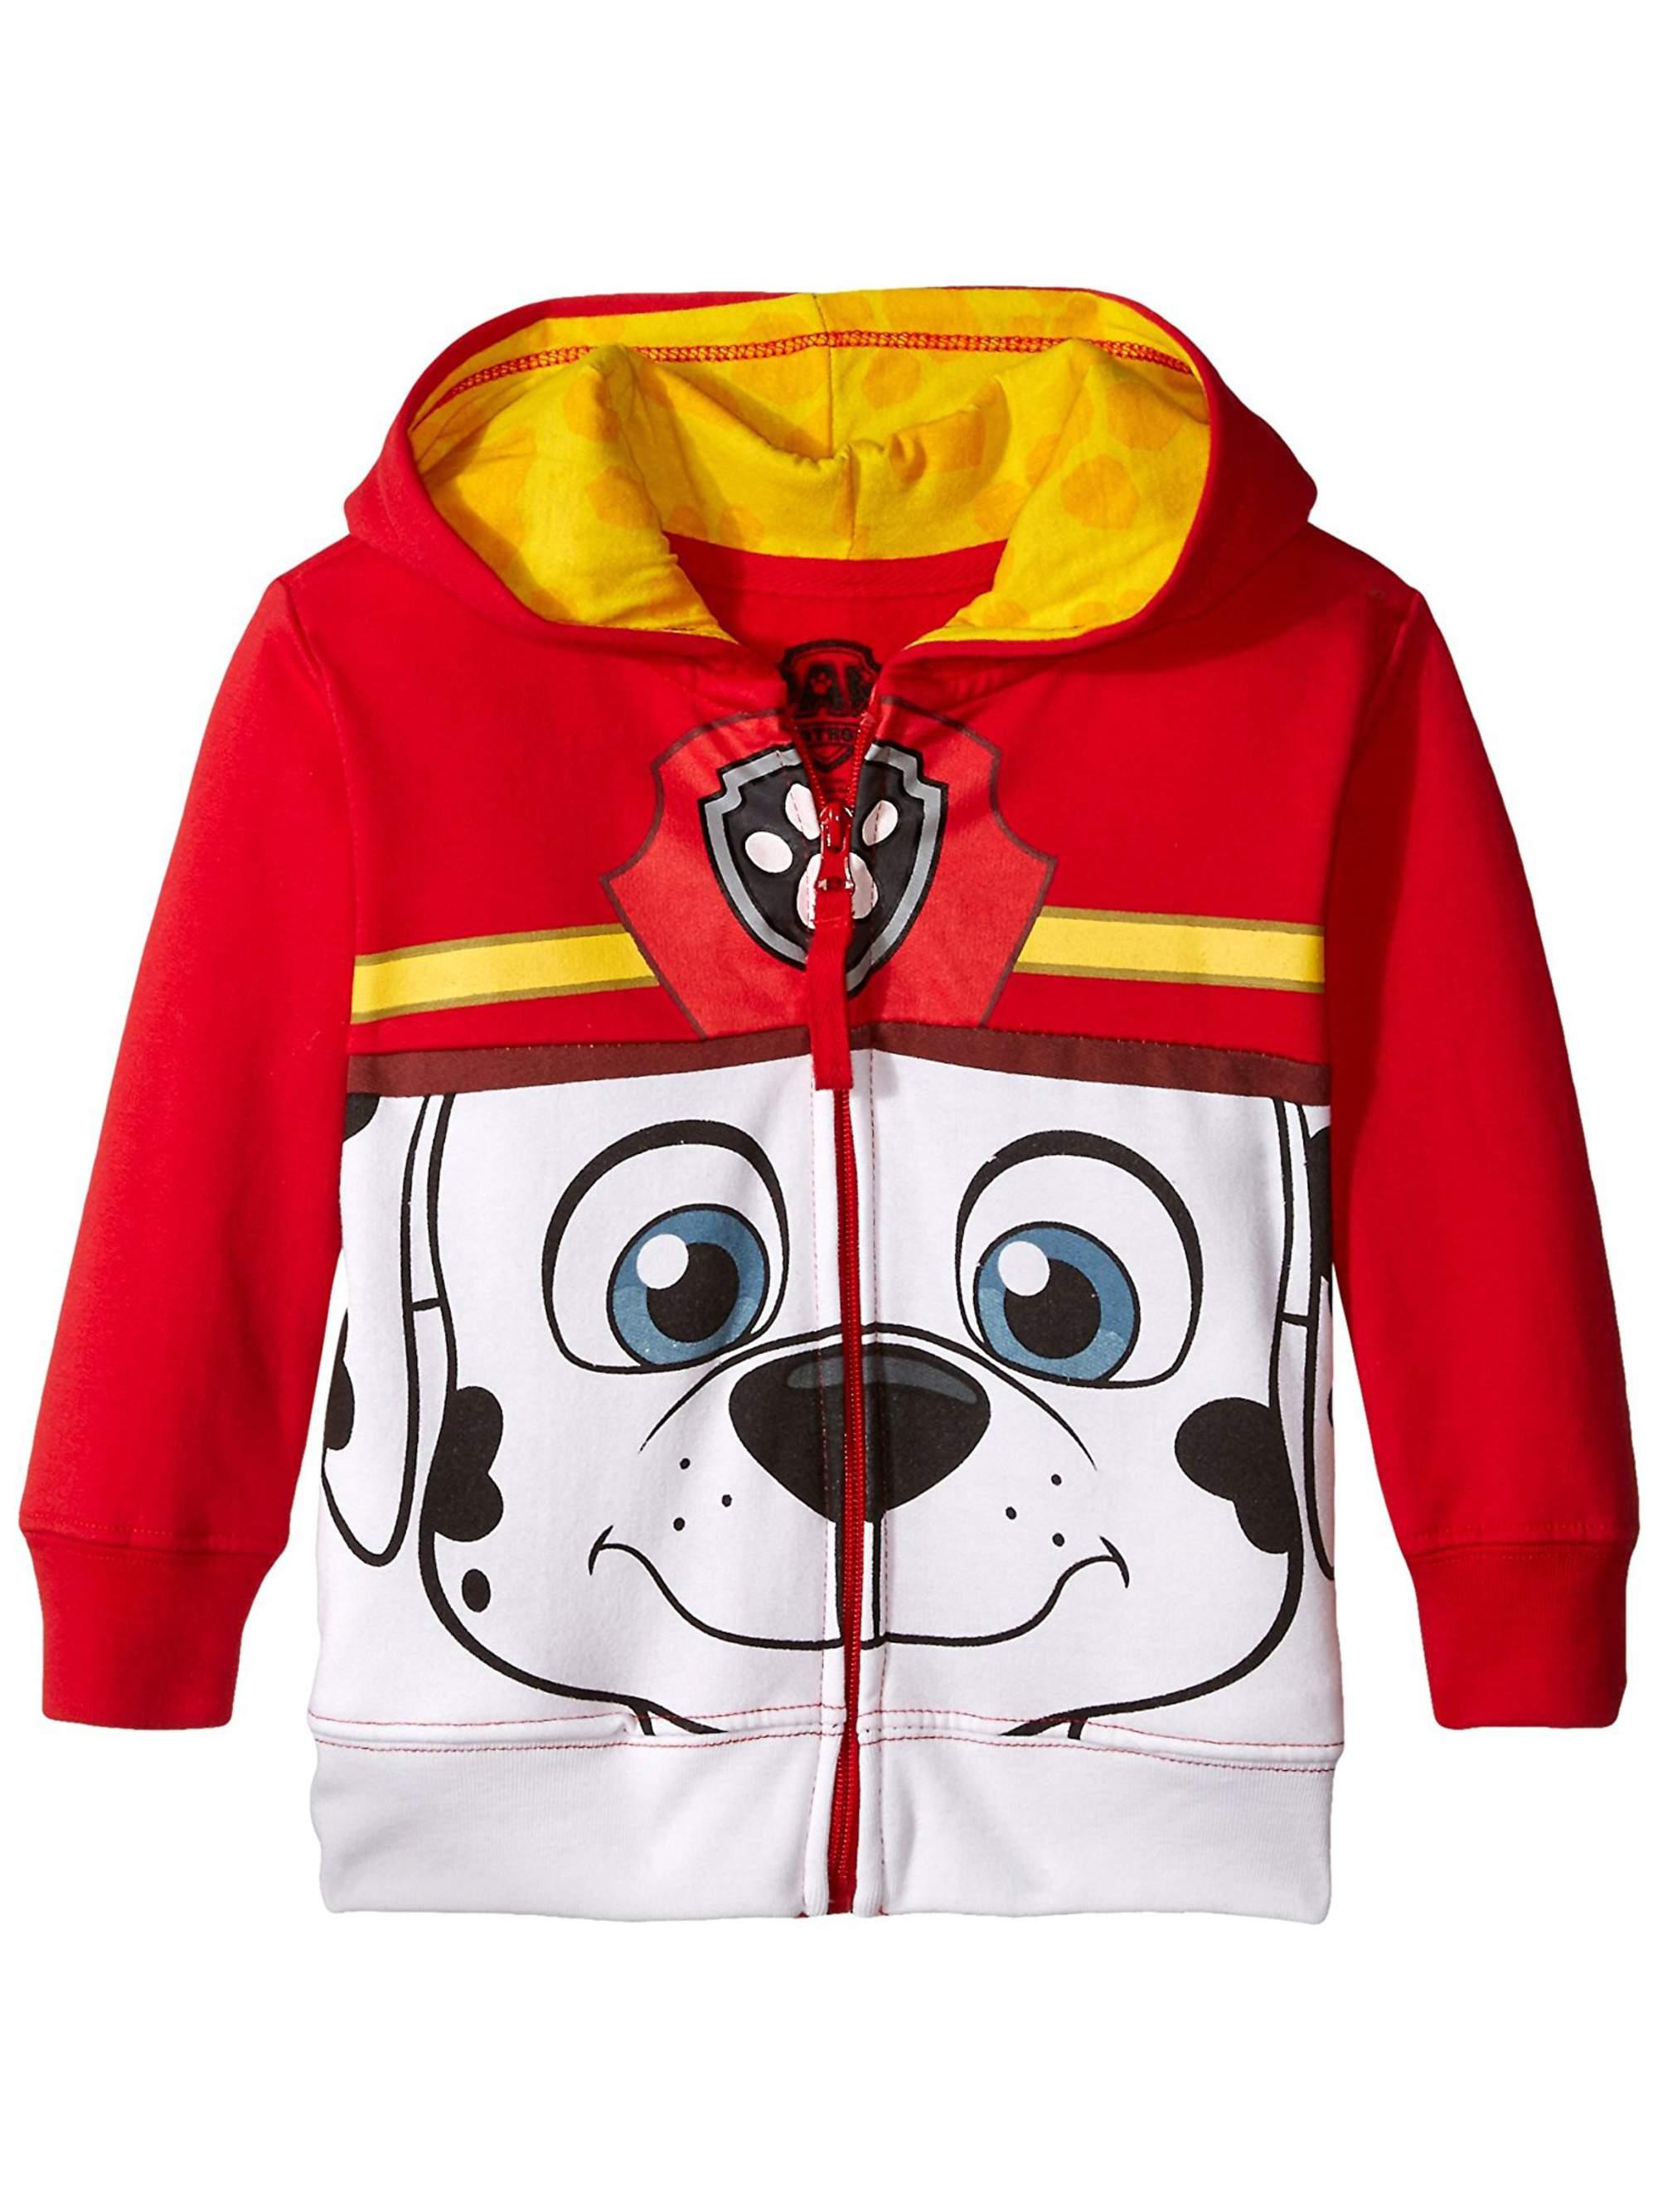 Paw Patrol Big Face Character Zip-up Hoodie Sweatshirt (Toddler Boys)